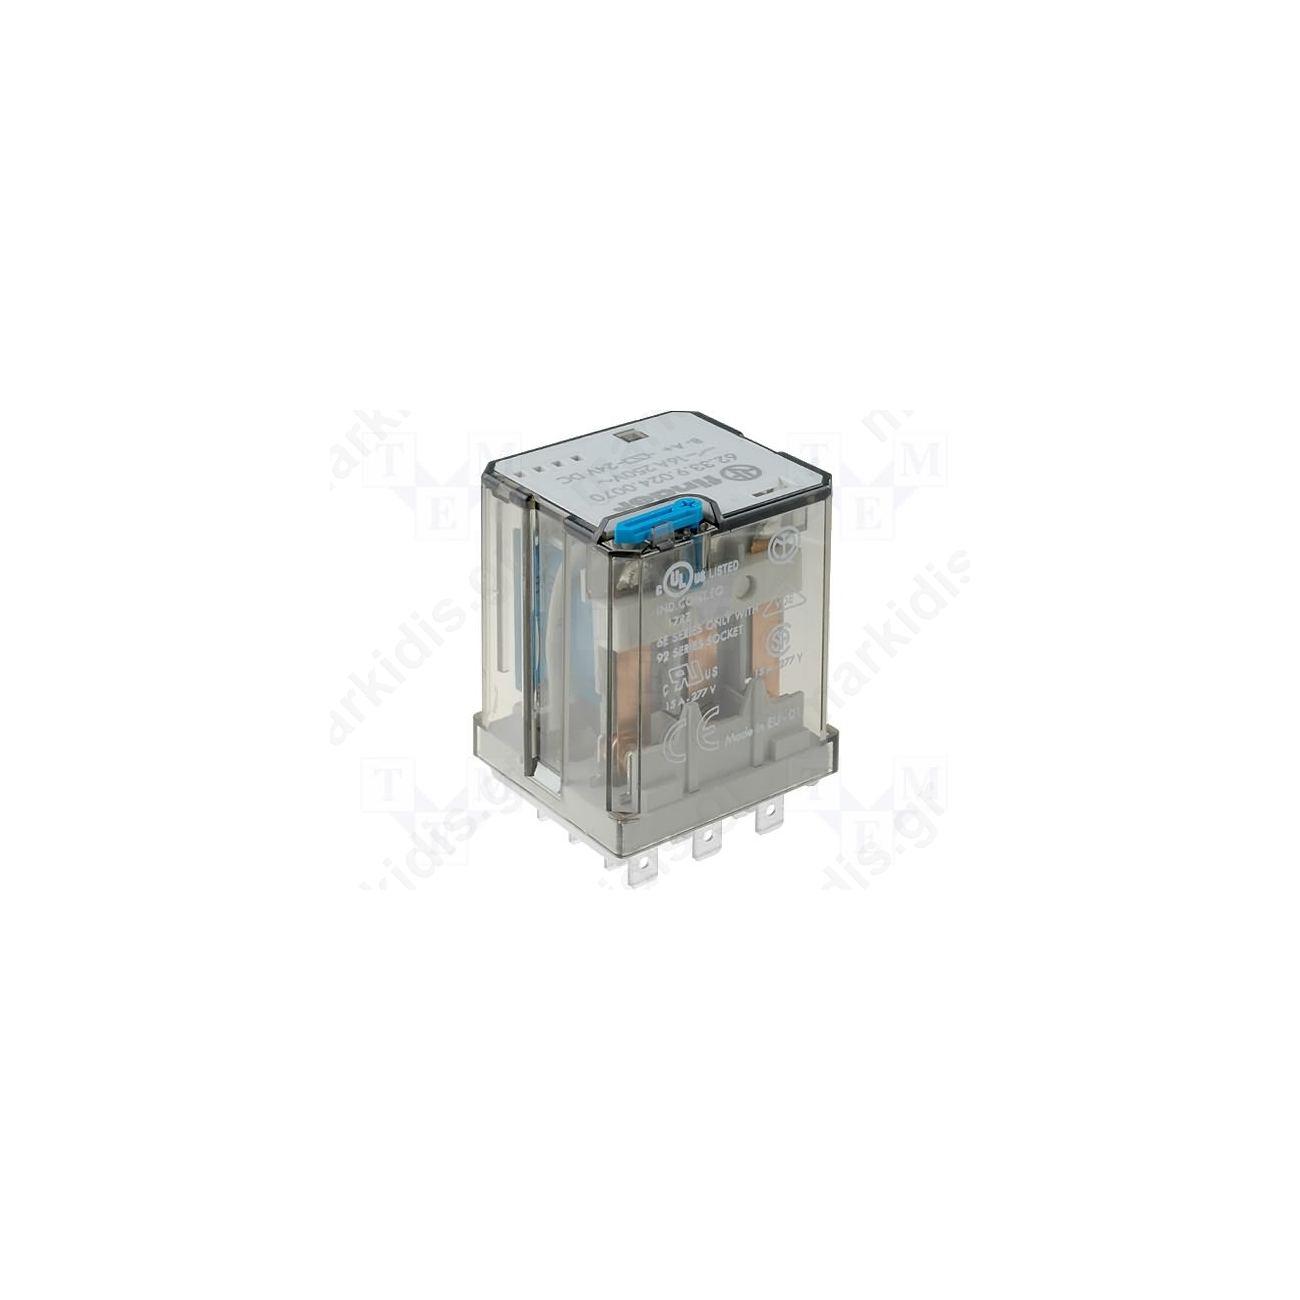 Relay Electromagnetic 3pdt 12vdc 16a Max250vac Industrial Spdt 12v 5a